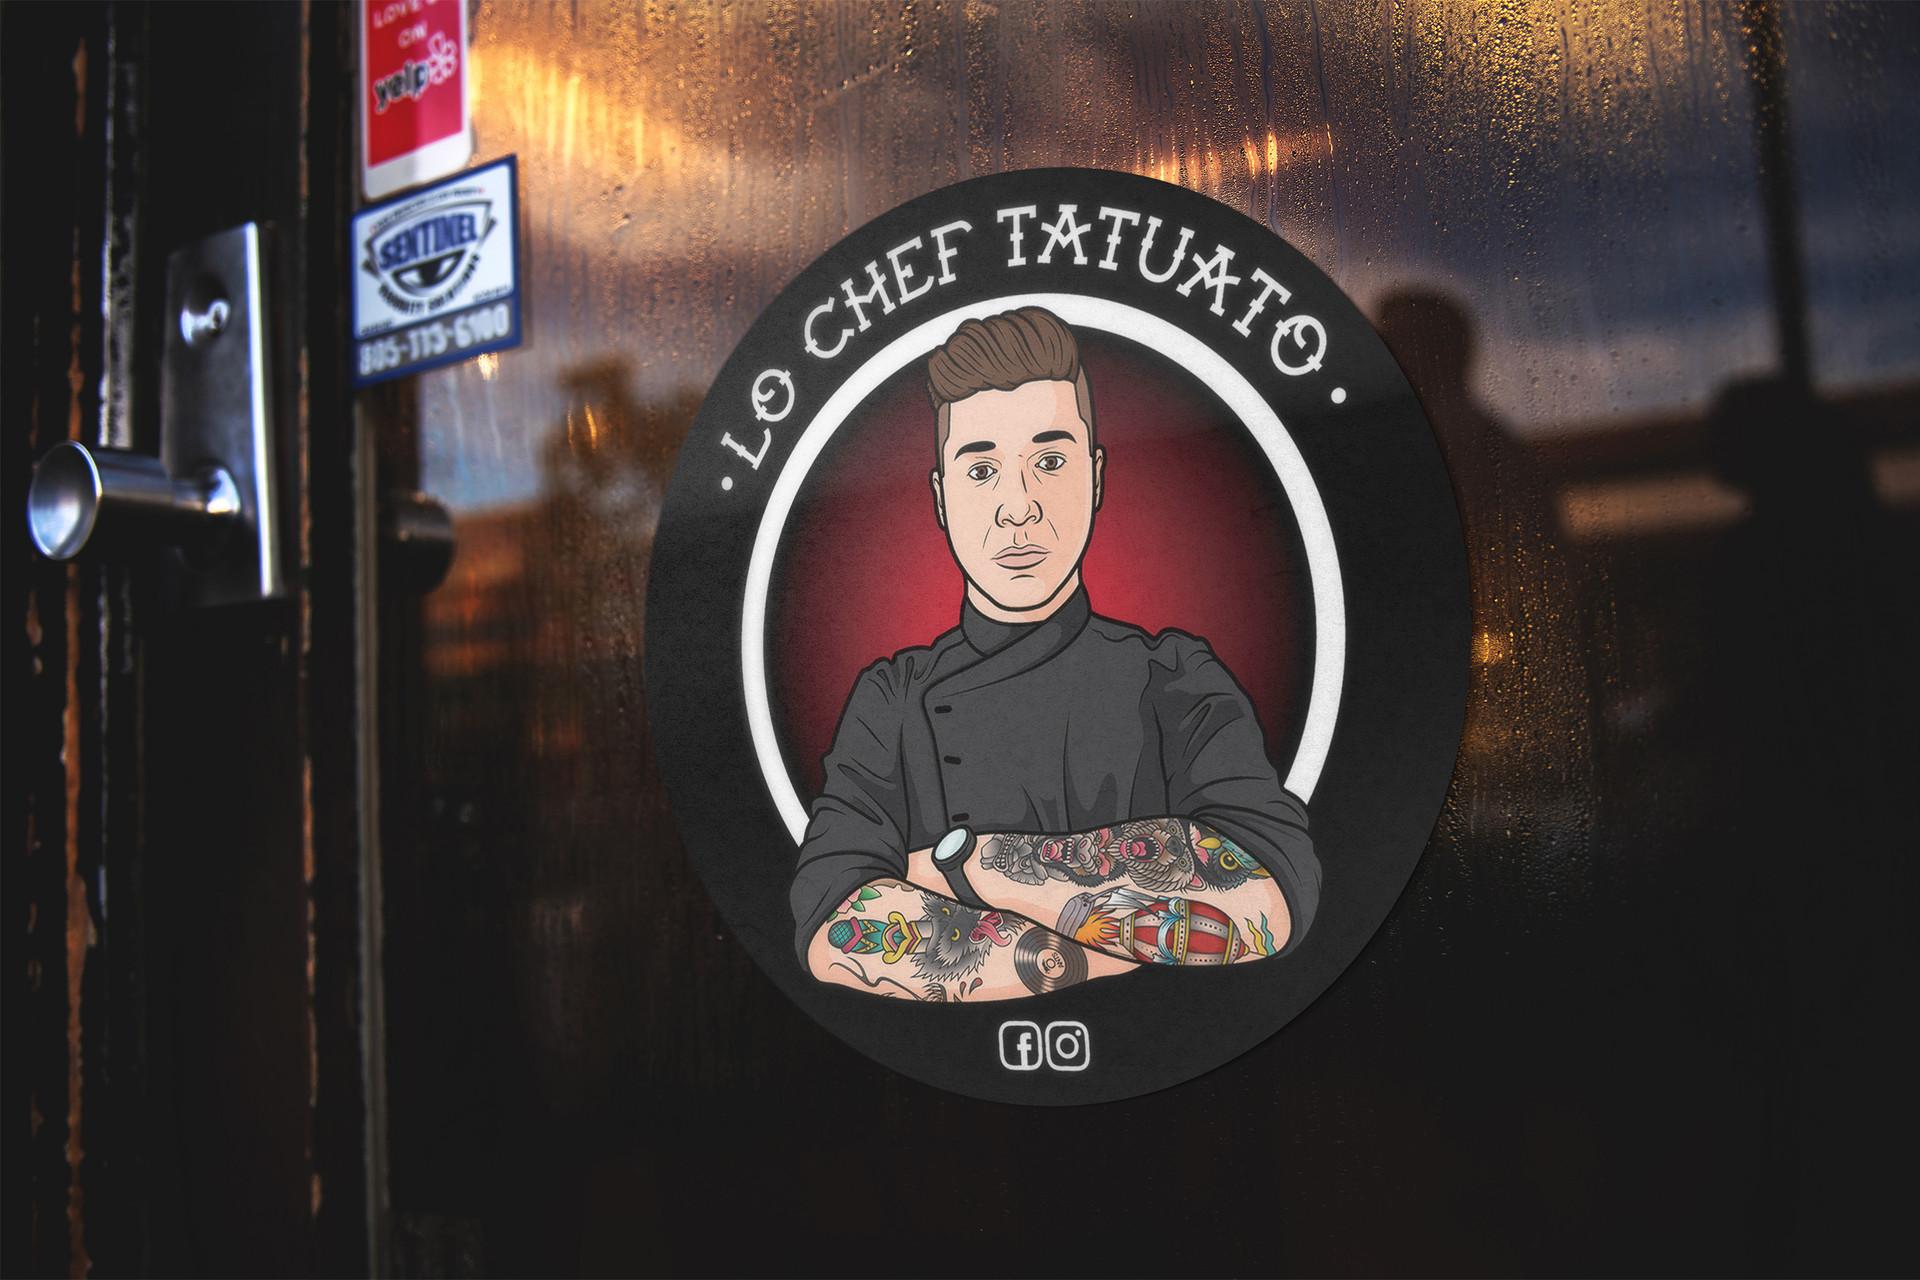 Lo Chef Tatuato Adesivo Illustrazione - MP Grafica